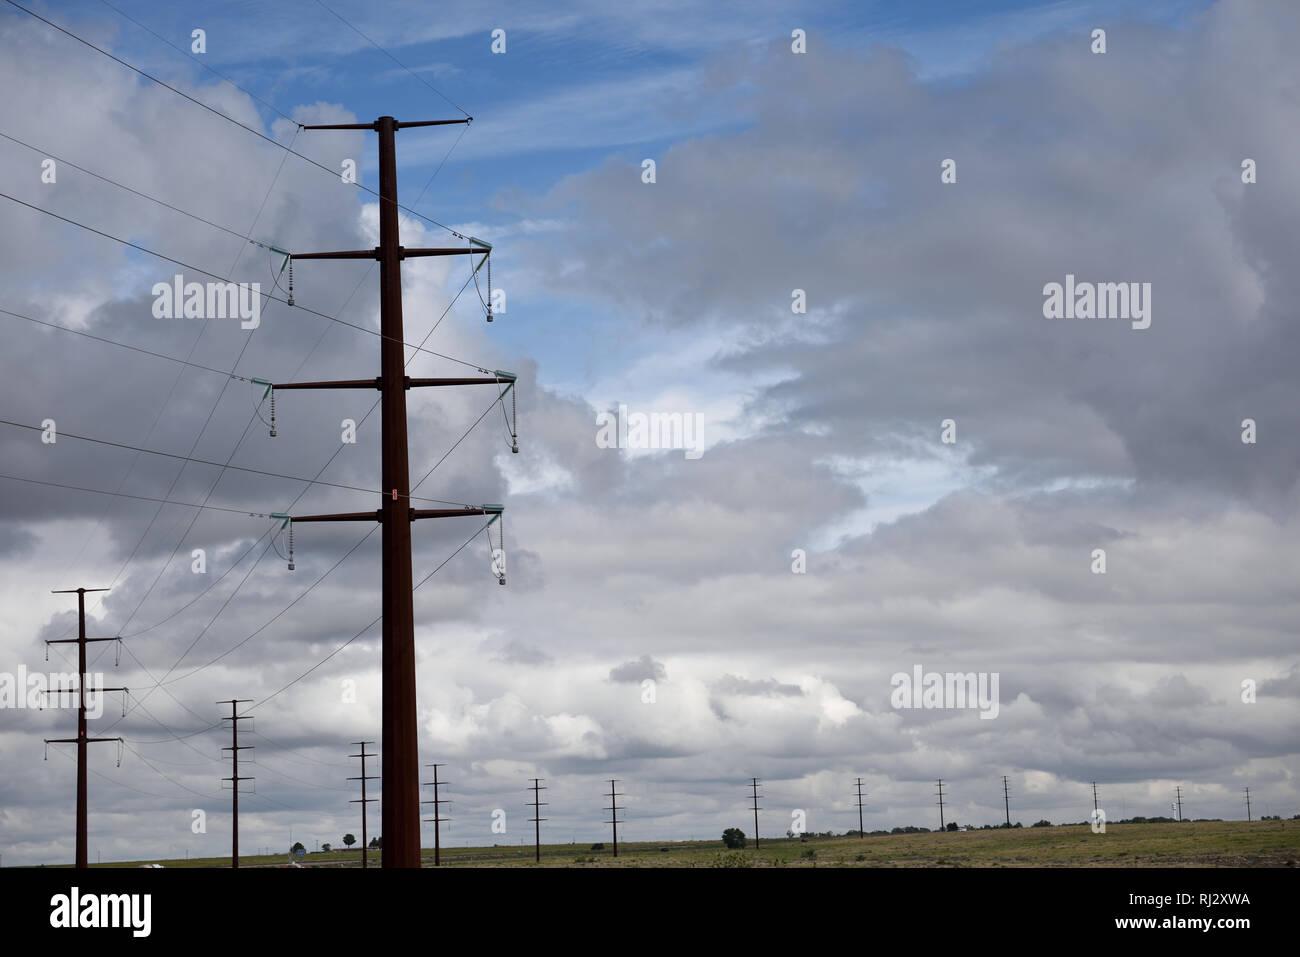 Reihe von Stahl Strommasten, Hochspannungsleitungen gegen einen stürmischen Himmel im Norden von Texas, USA. Stockbild